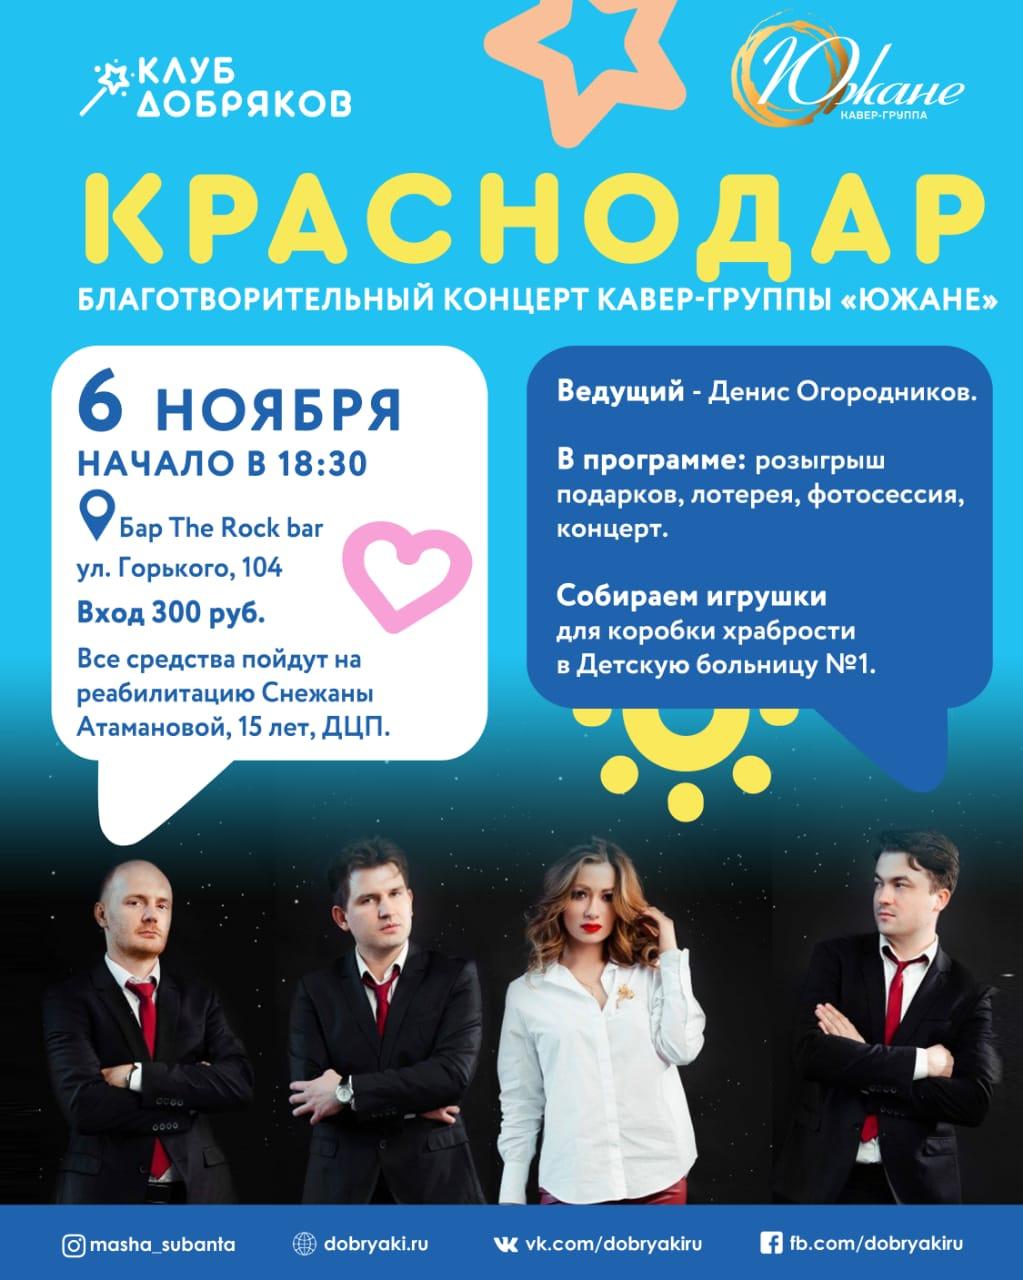 В Краснодаре пройдет благотворительный концерт кавер-группы «Южане»